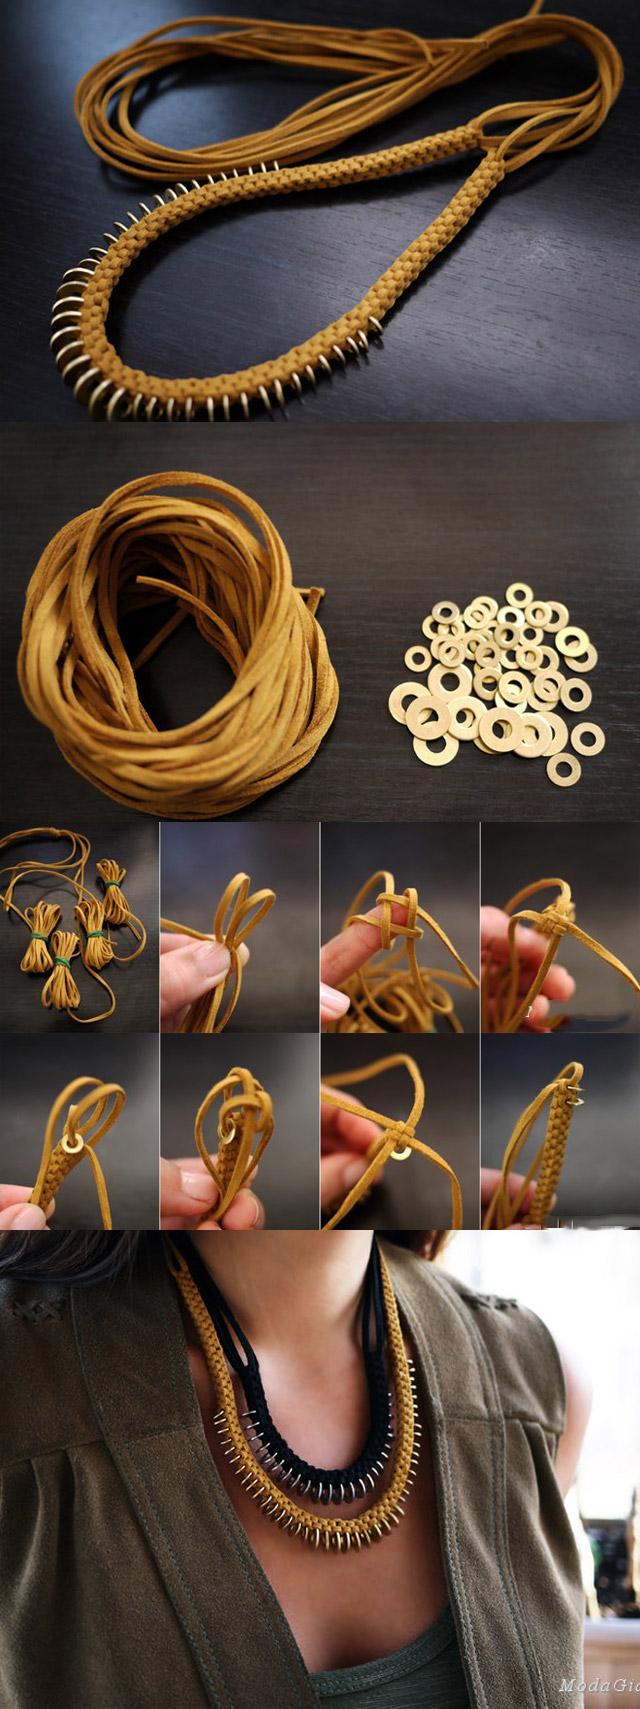 DIY Fashion 15 Amazing Necklace (12)